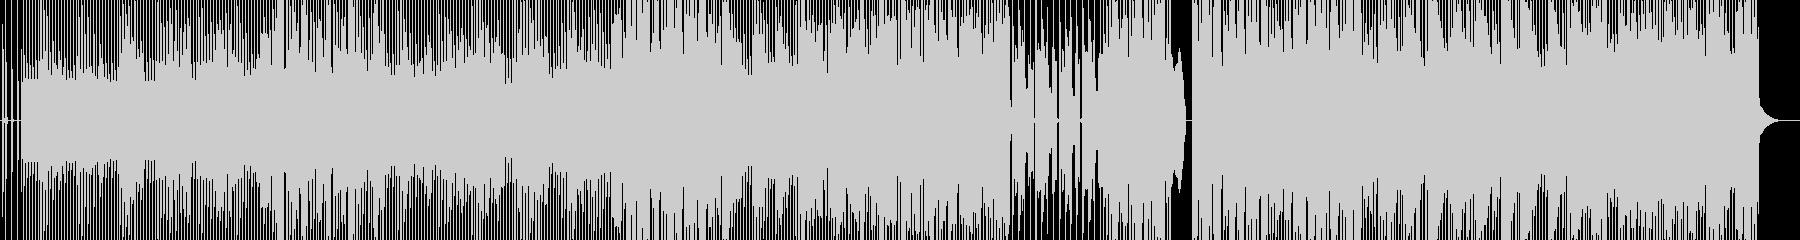 曖昧なハートビートの未再生の波形